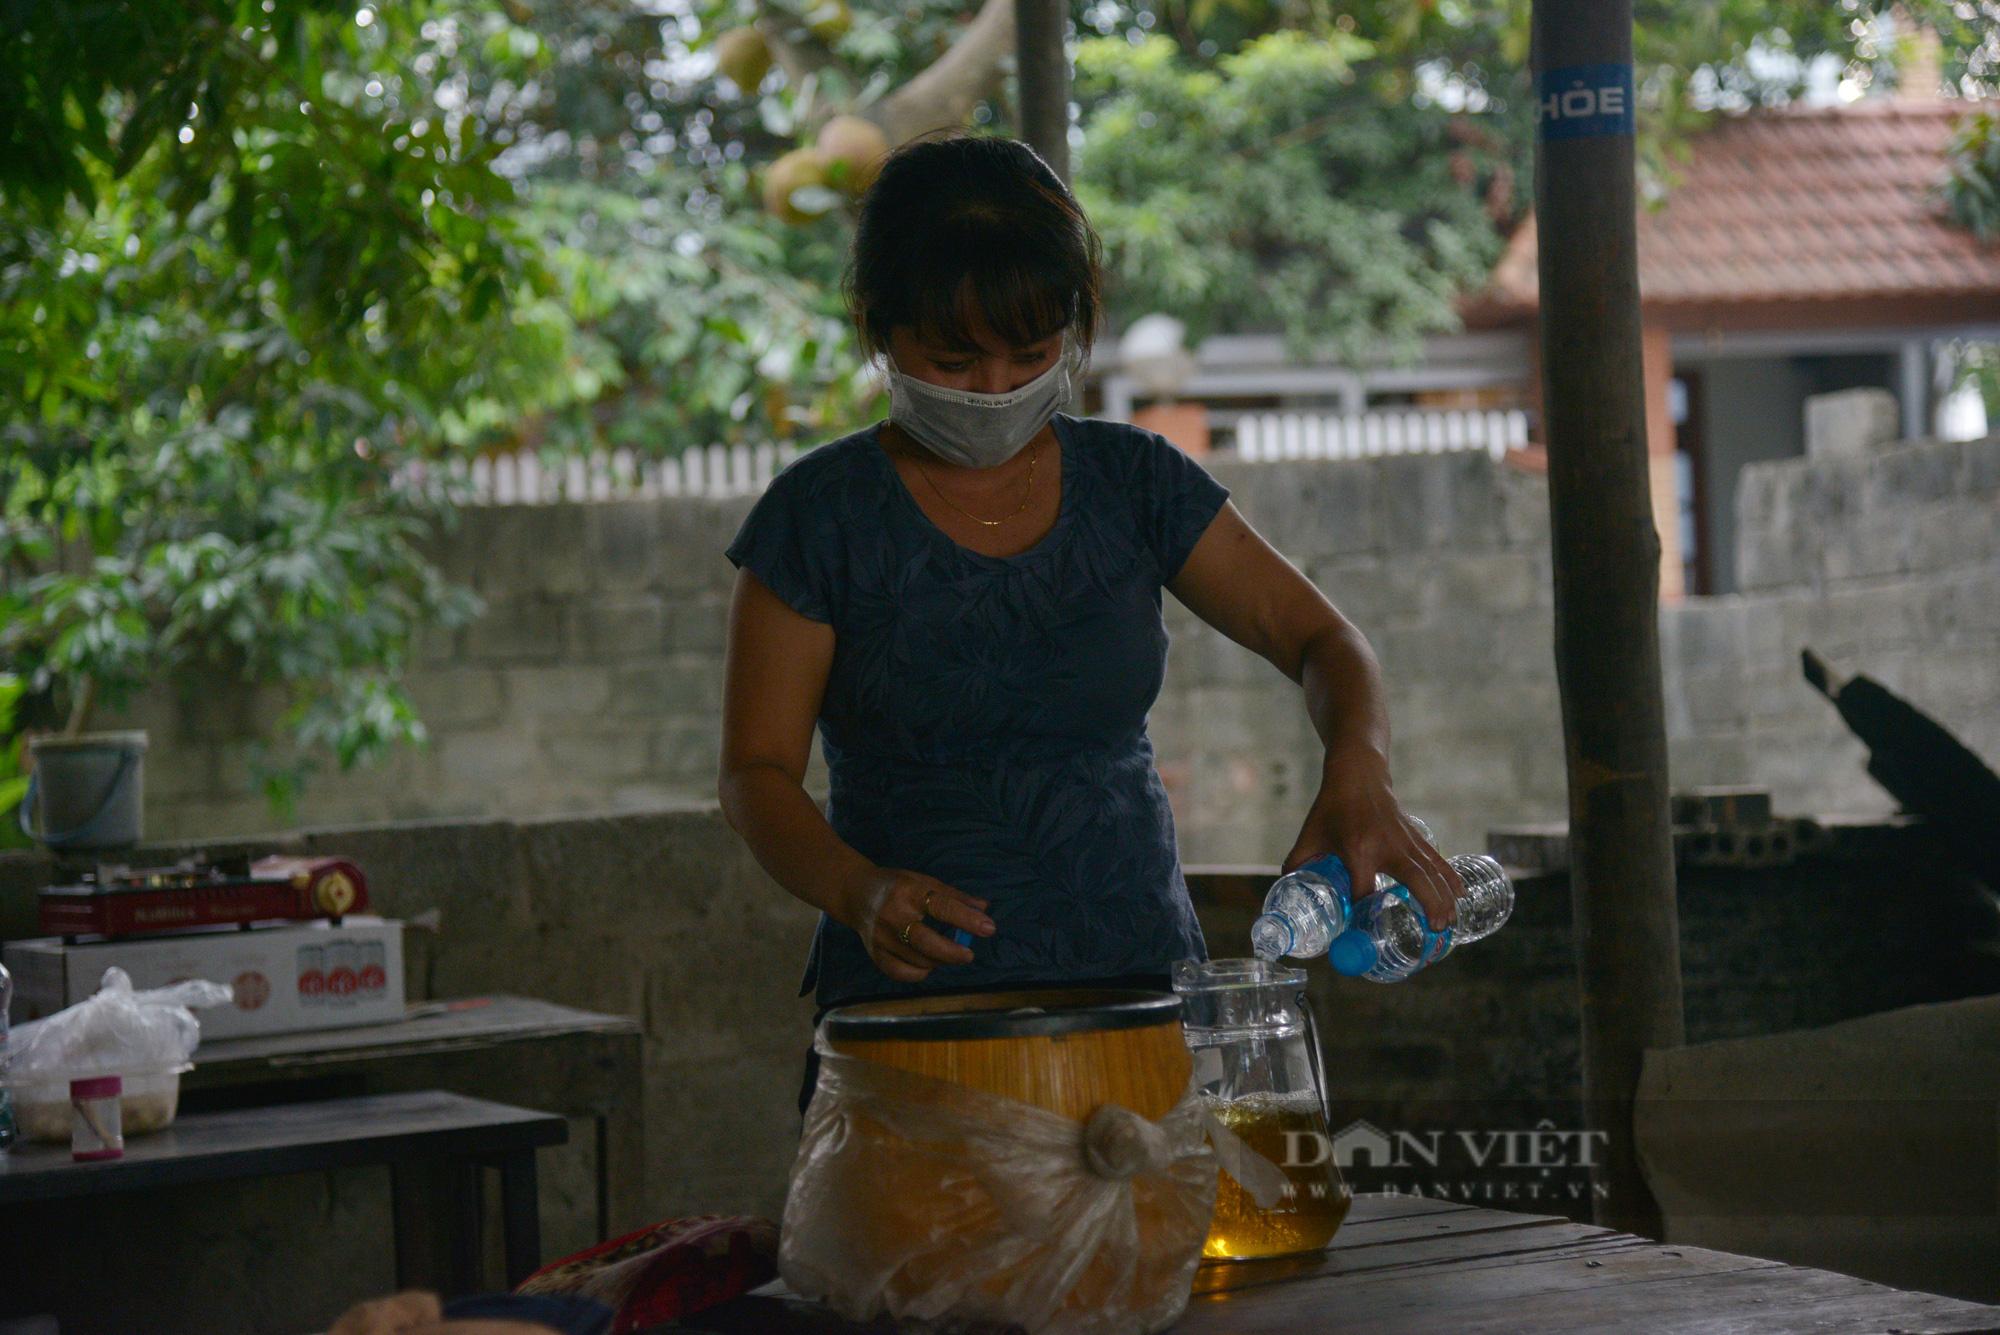 """Người dân Hà Nội nhường nhà, """"tiếp tế"""" cơm, nước uống chia sẻ với lực lượng làm nhiệm vụ phòng, chống dịch - Ảnh 6."""